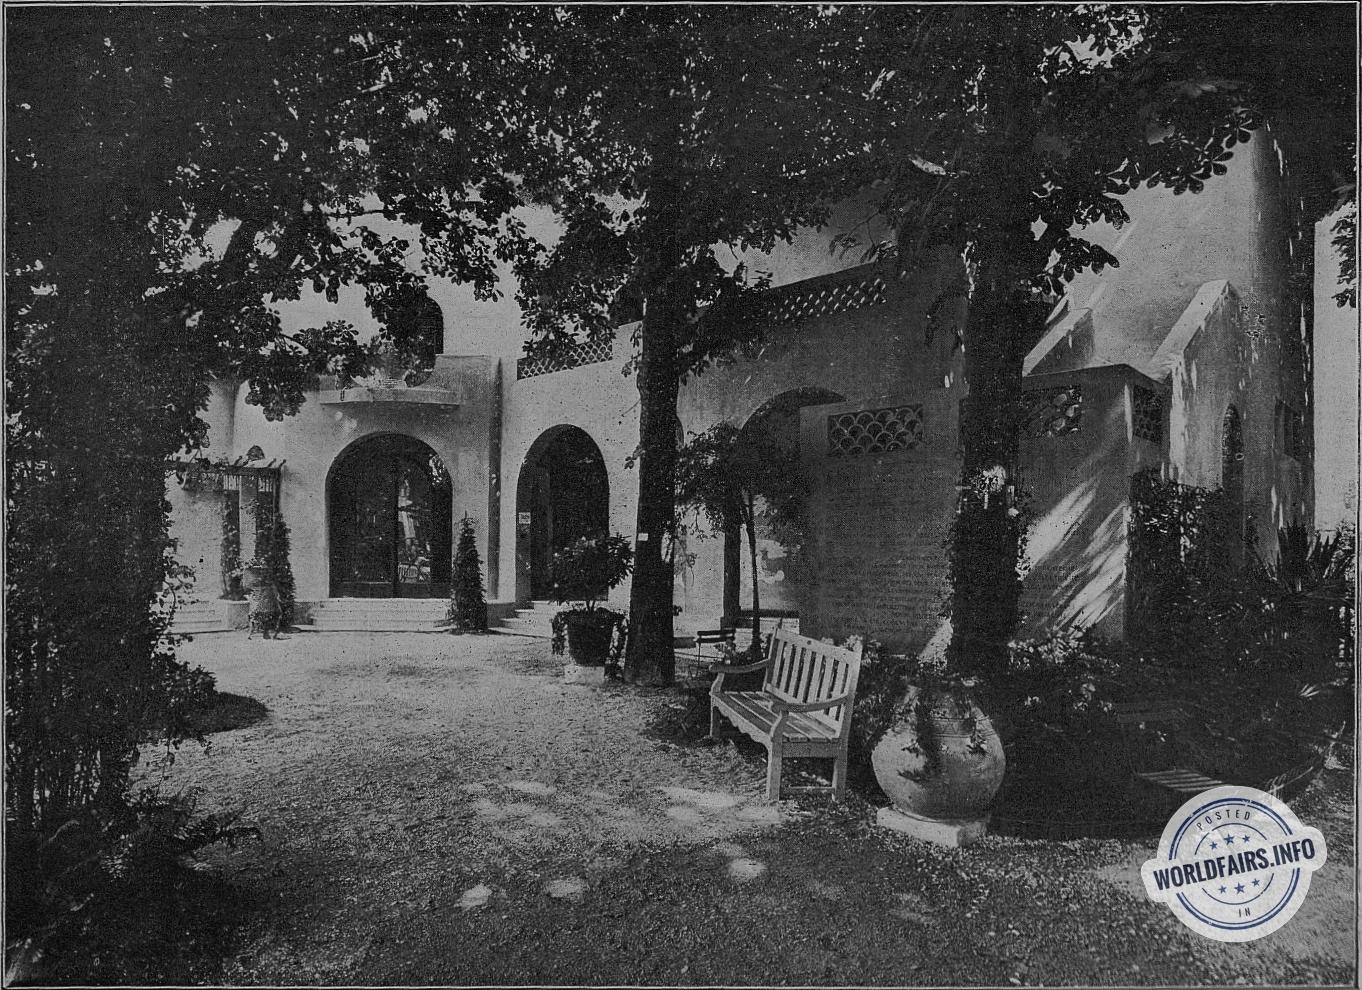 Mobilier De Jardin Alpes Maritimes le pavillon des alpes-maritimes - paris 1925 - architecture